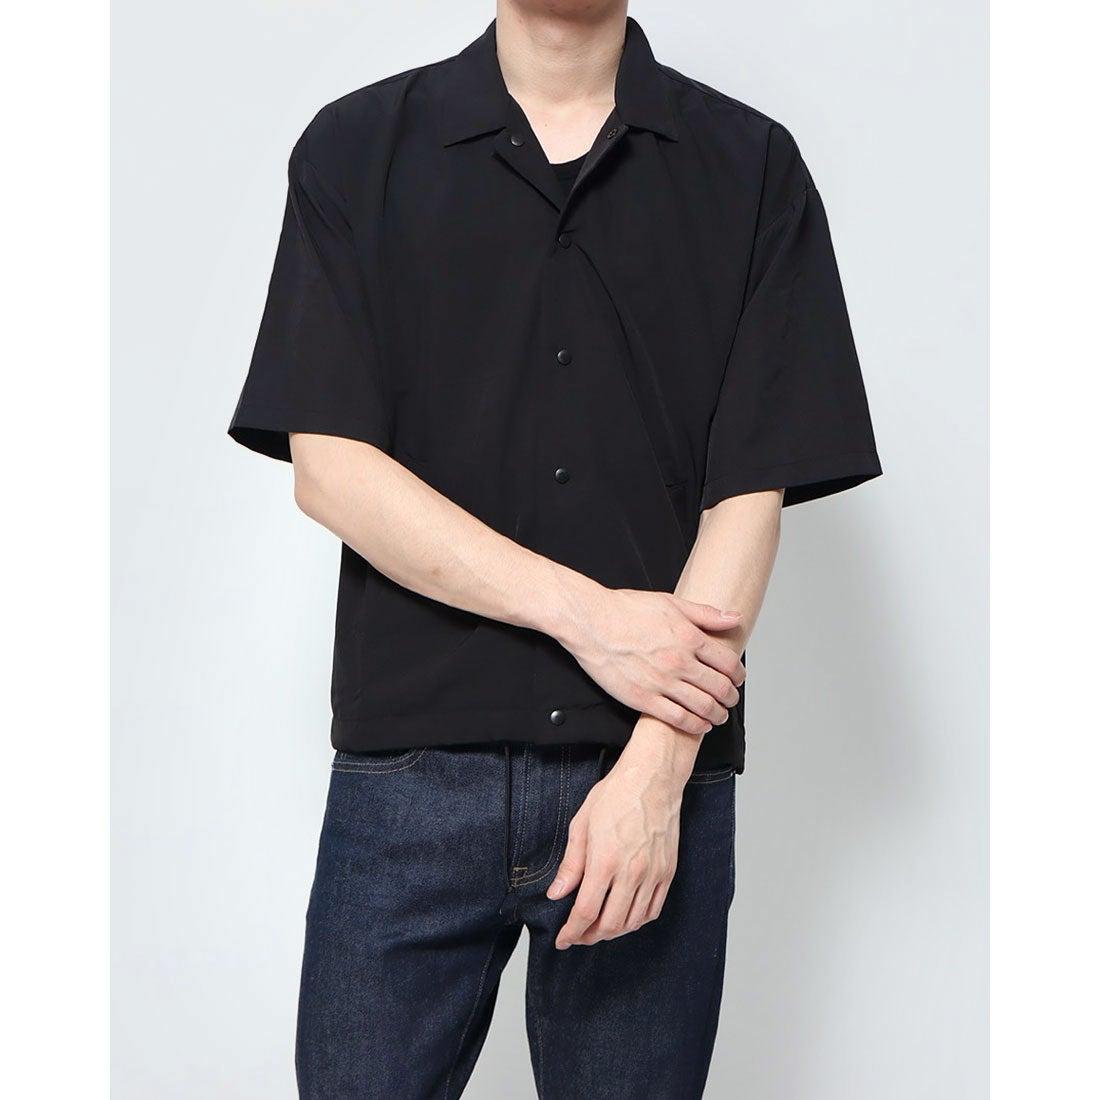 ロコンド 靴とファッションの通販サイトスタイルブロック STYLEBLOCK ドライストレッチコーチシャツ (ブラック)